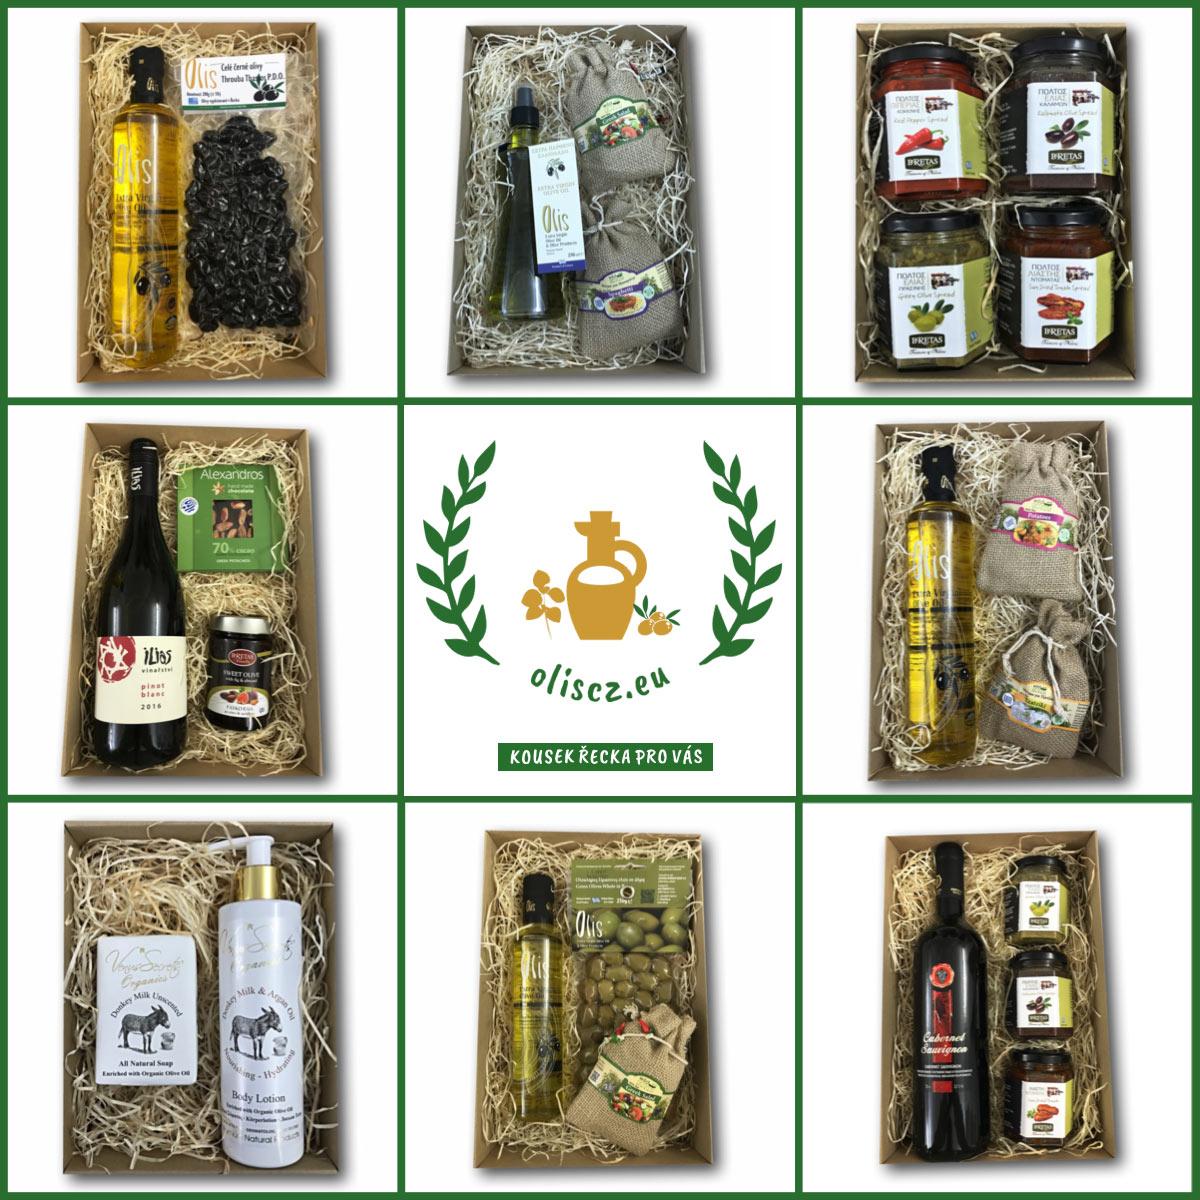 Dárkové vánoční balíčky s řeckými delikatesami i kosmetikou koupíte v e-shopu Oliscz.eu.